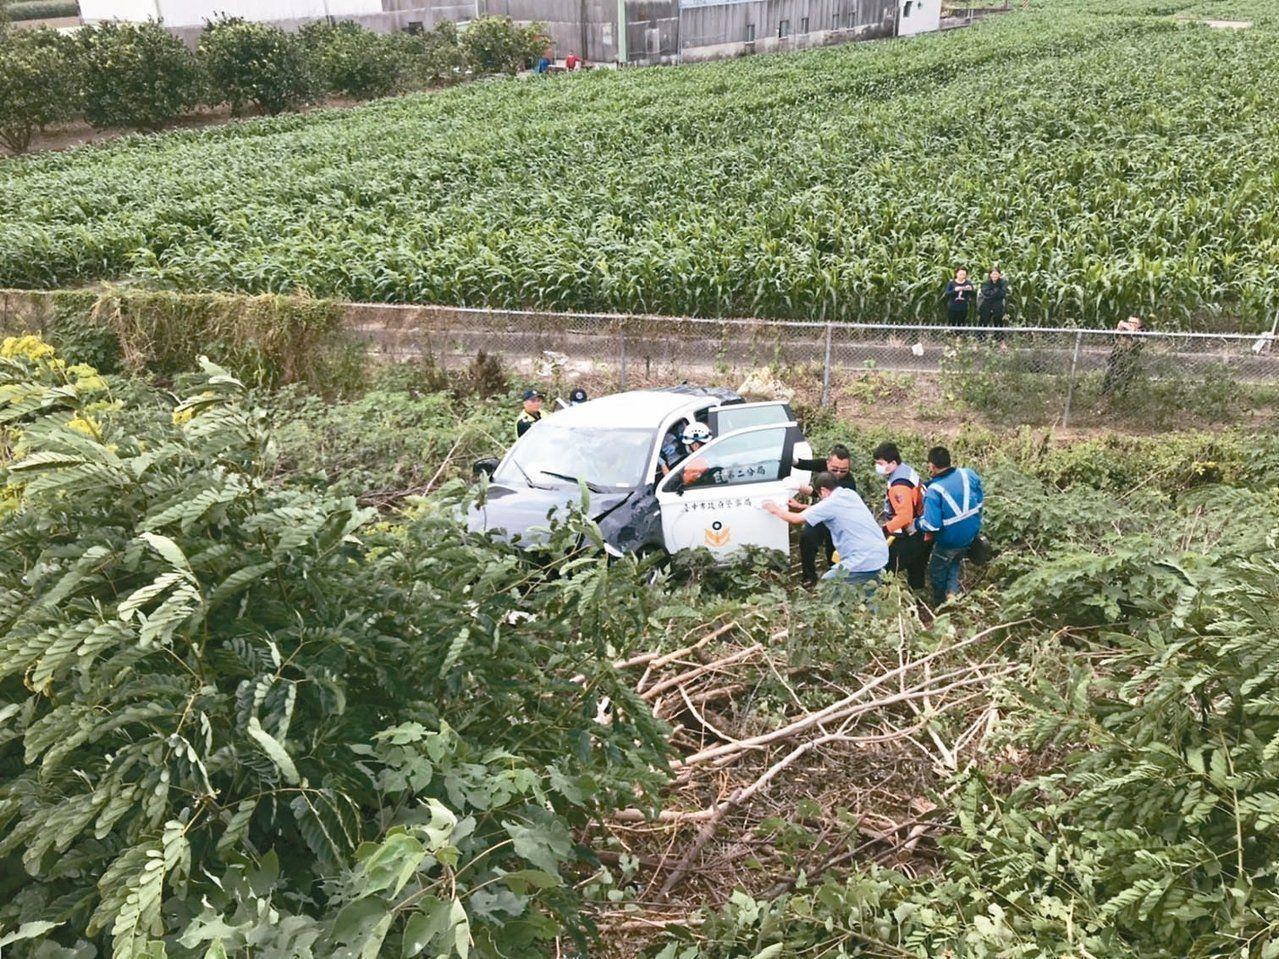 台中市警車昨天在國道一號麻豆段翻落邊坡,警車上2名員警與解送的嫌犯都受傷送醫,目...